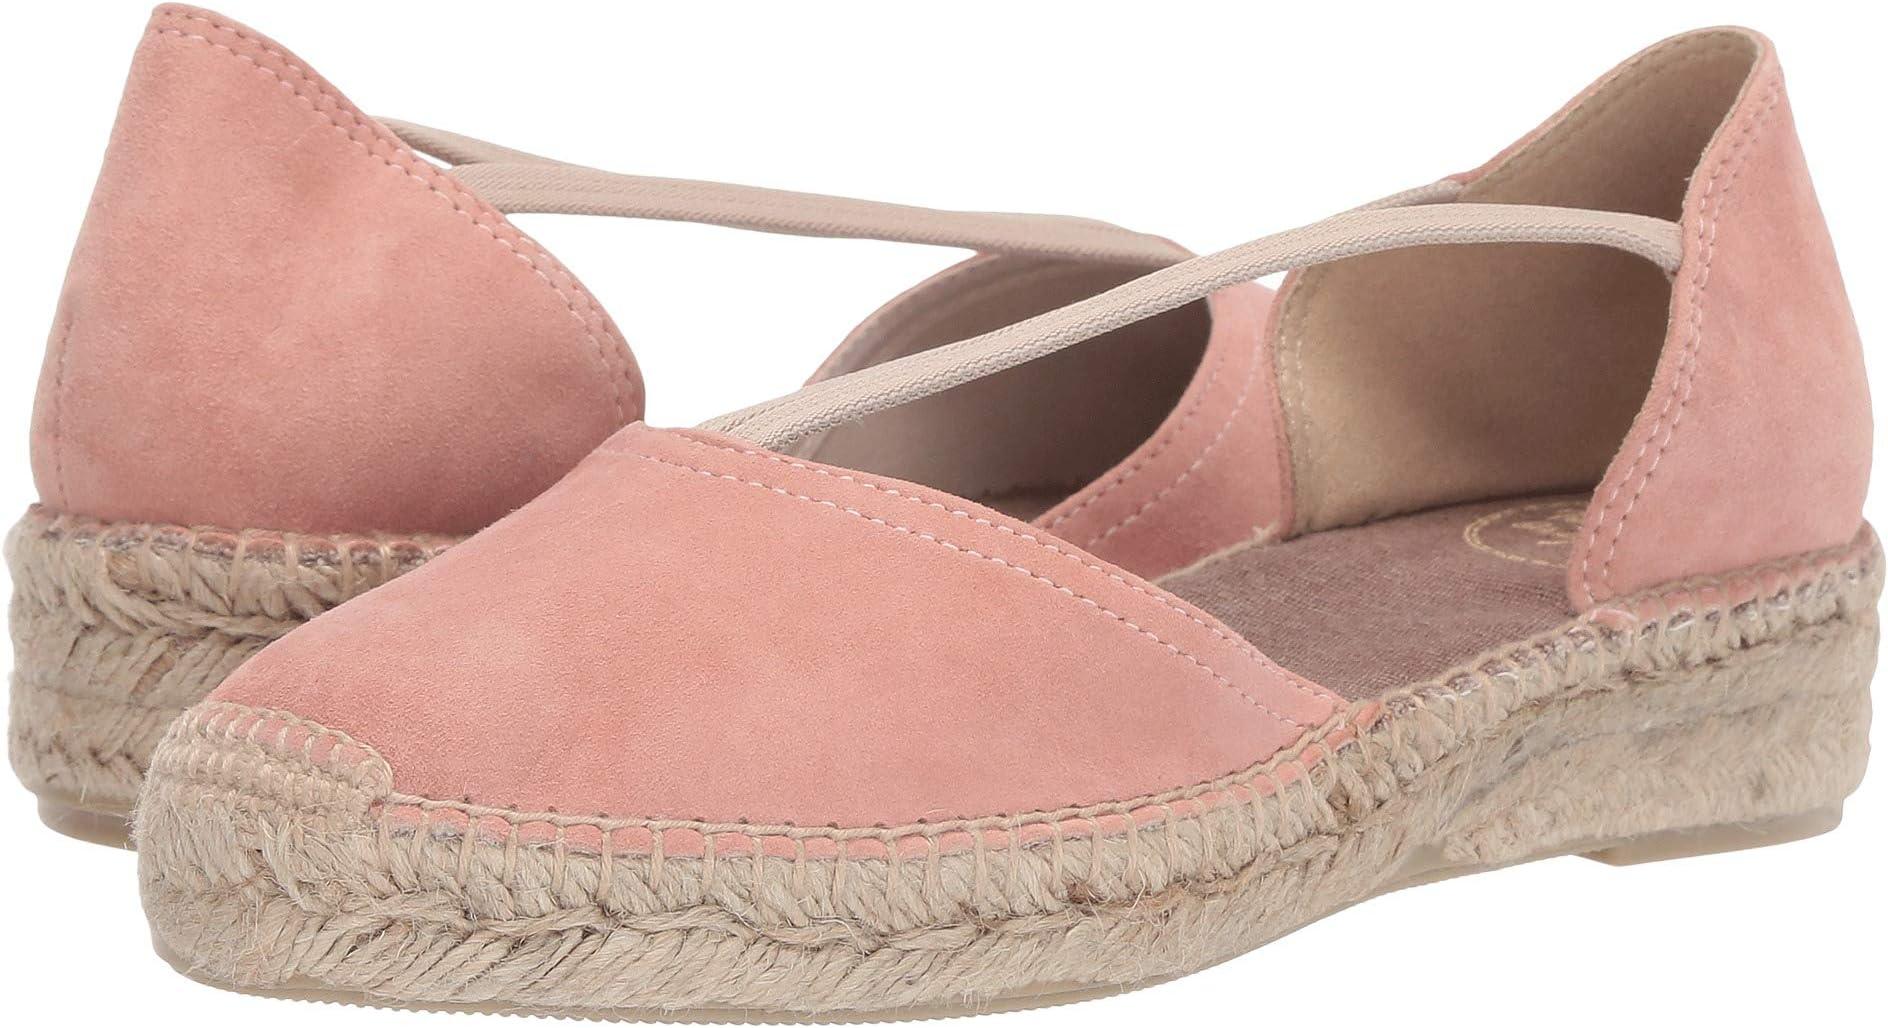 f923a2c62307 Women s Shoes  Boots